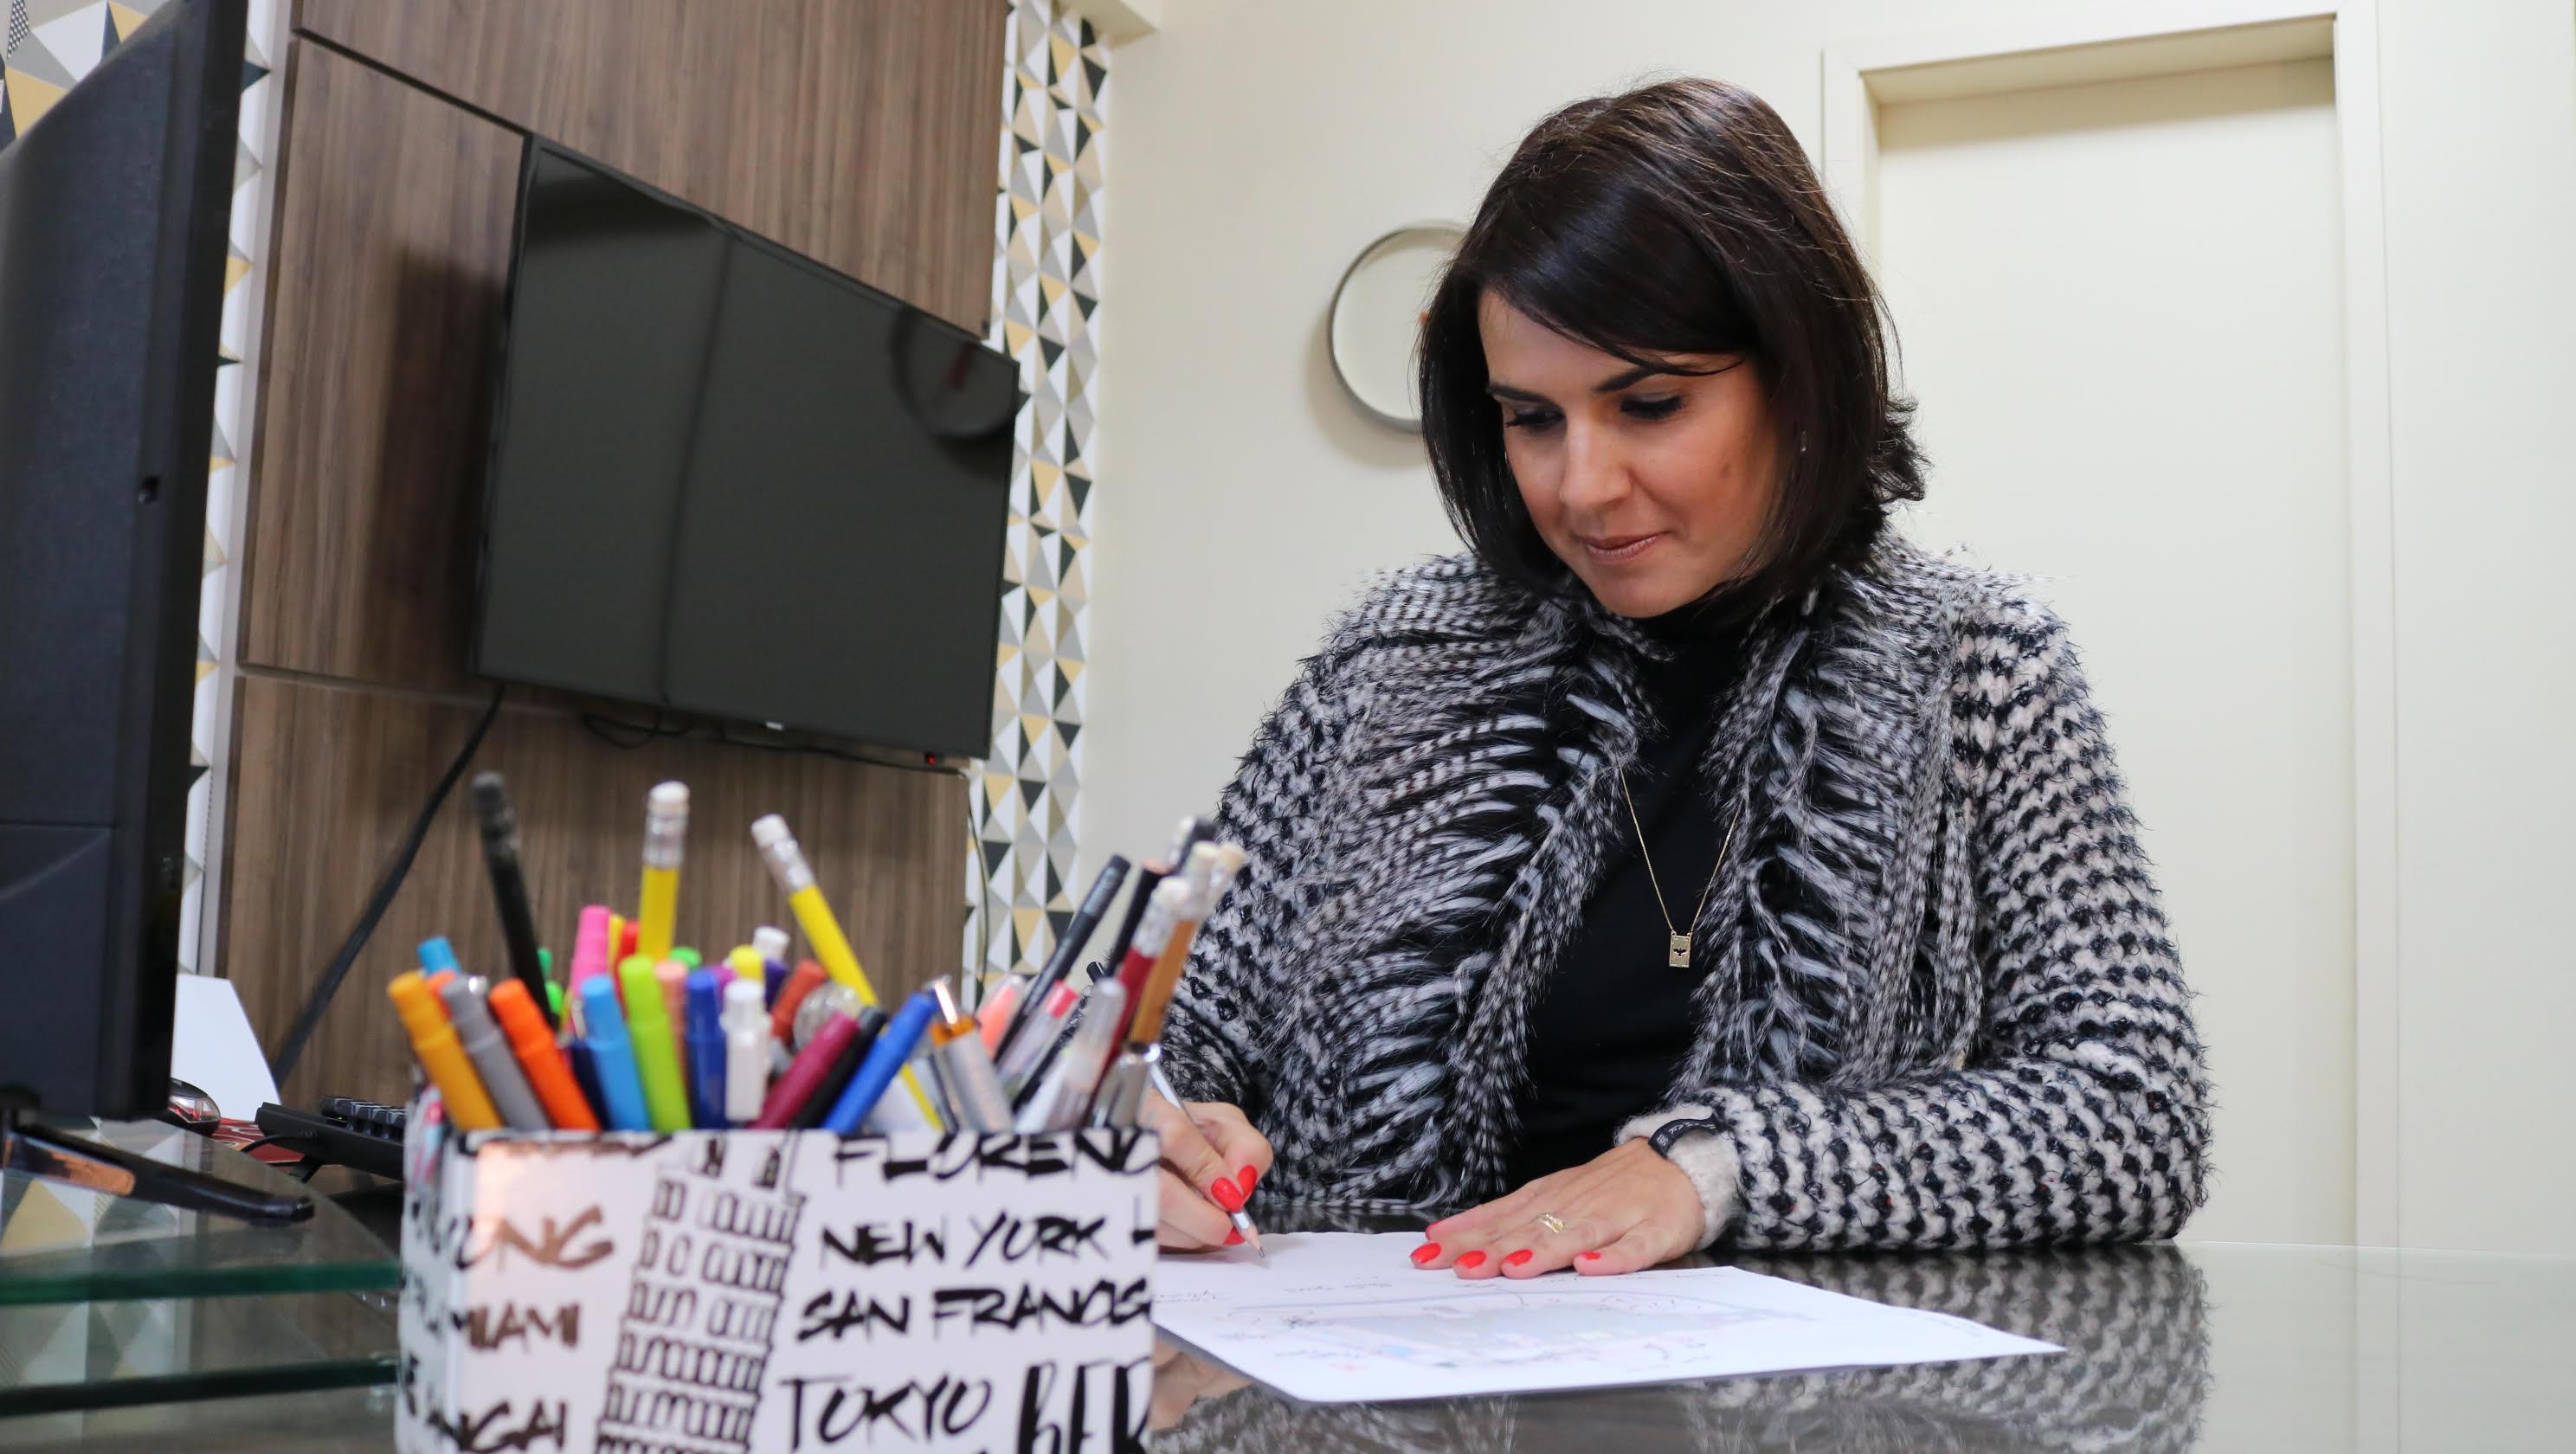 Letícia Arruda - Arquiteta egressa da UCPEL - escrevendo em uma folha